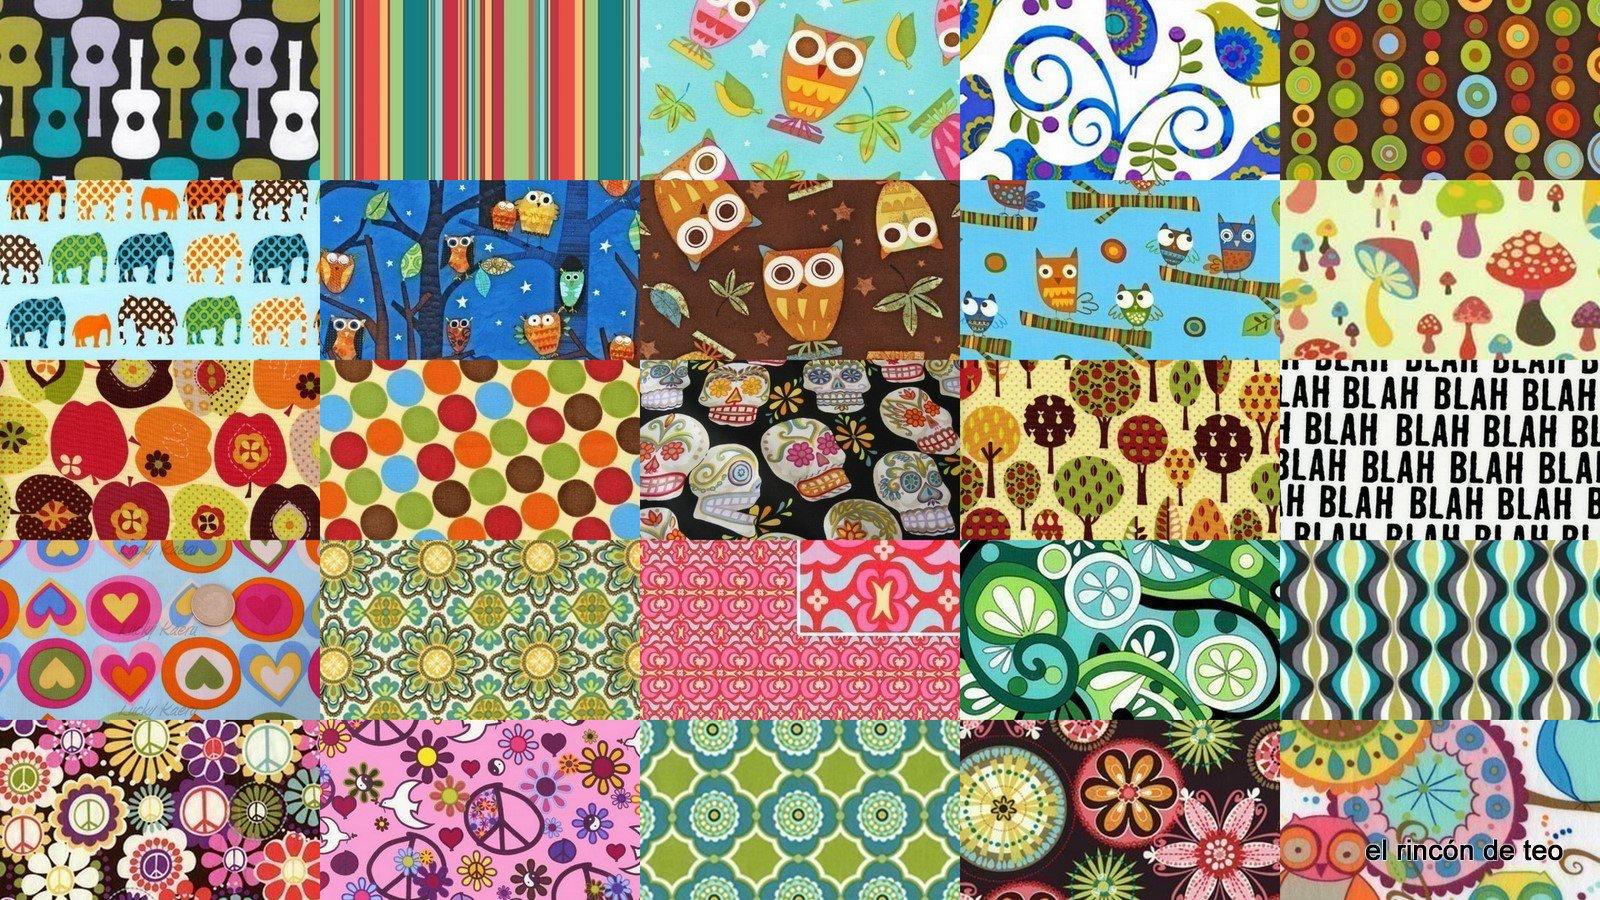 El rinc n de teo algunos de las distintas telas de dise o for Disenos de bolsos de tela